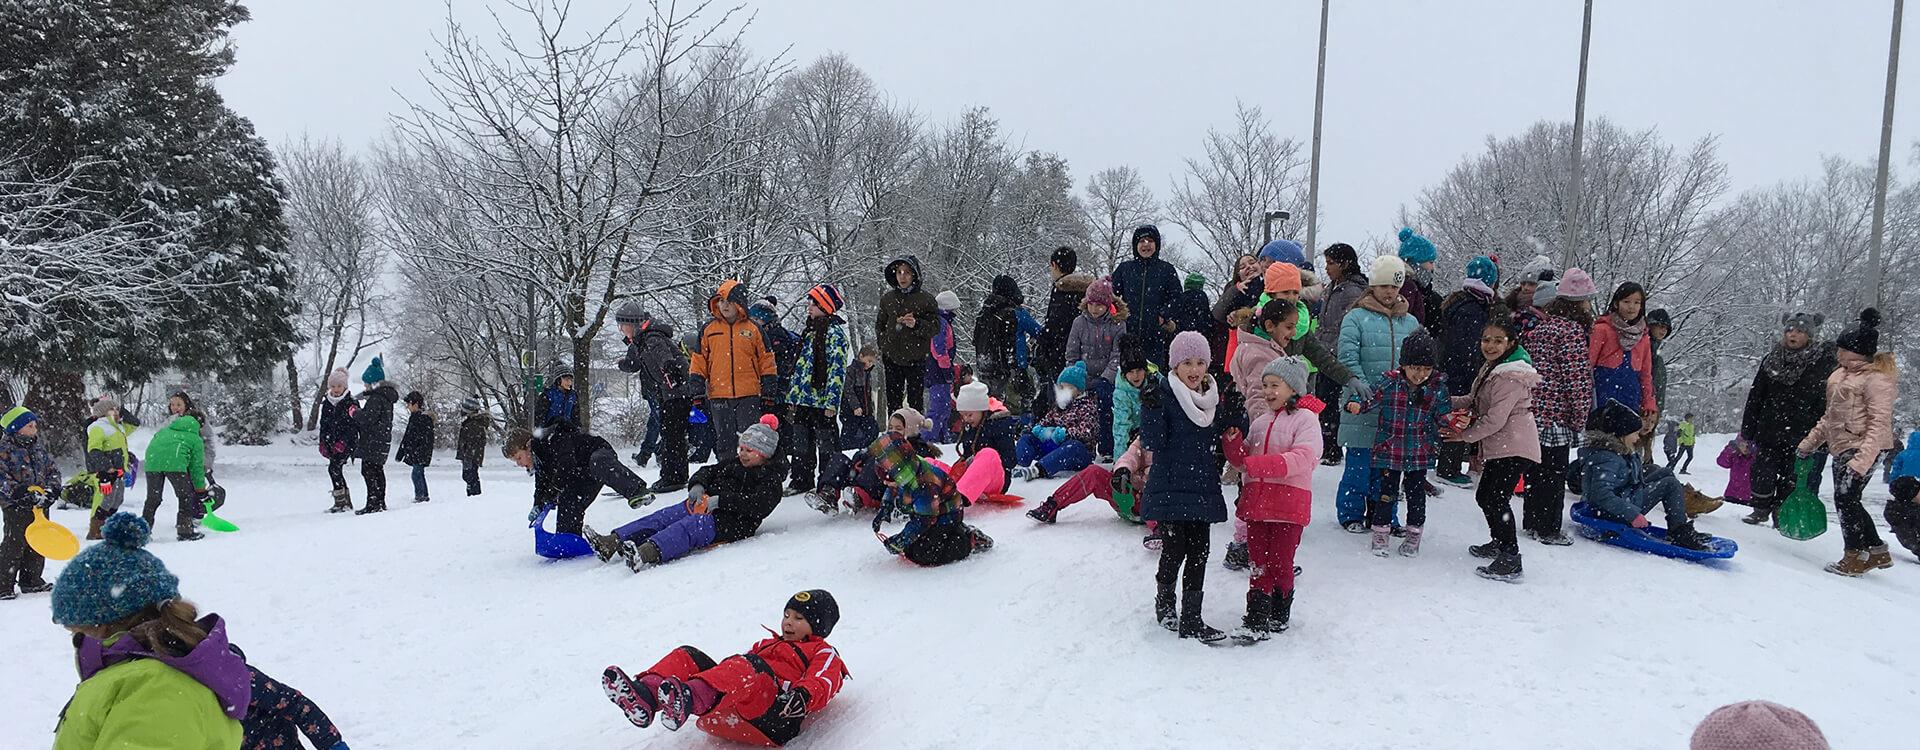 Markgrafenschule Altensteig Winter